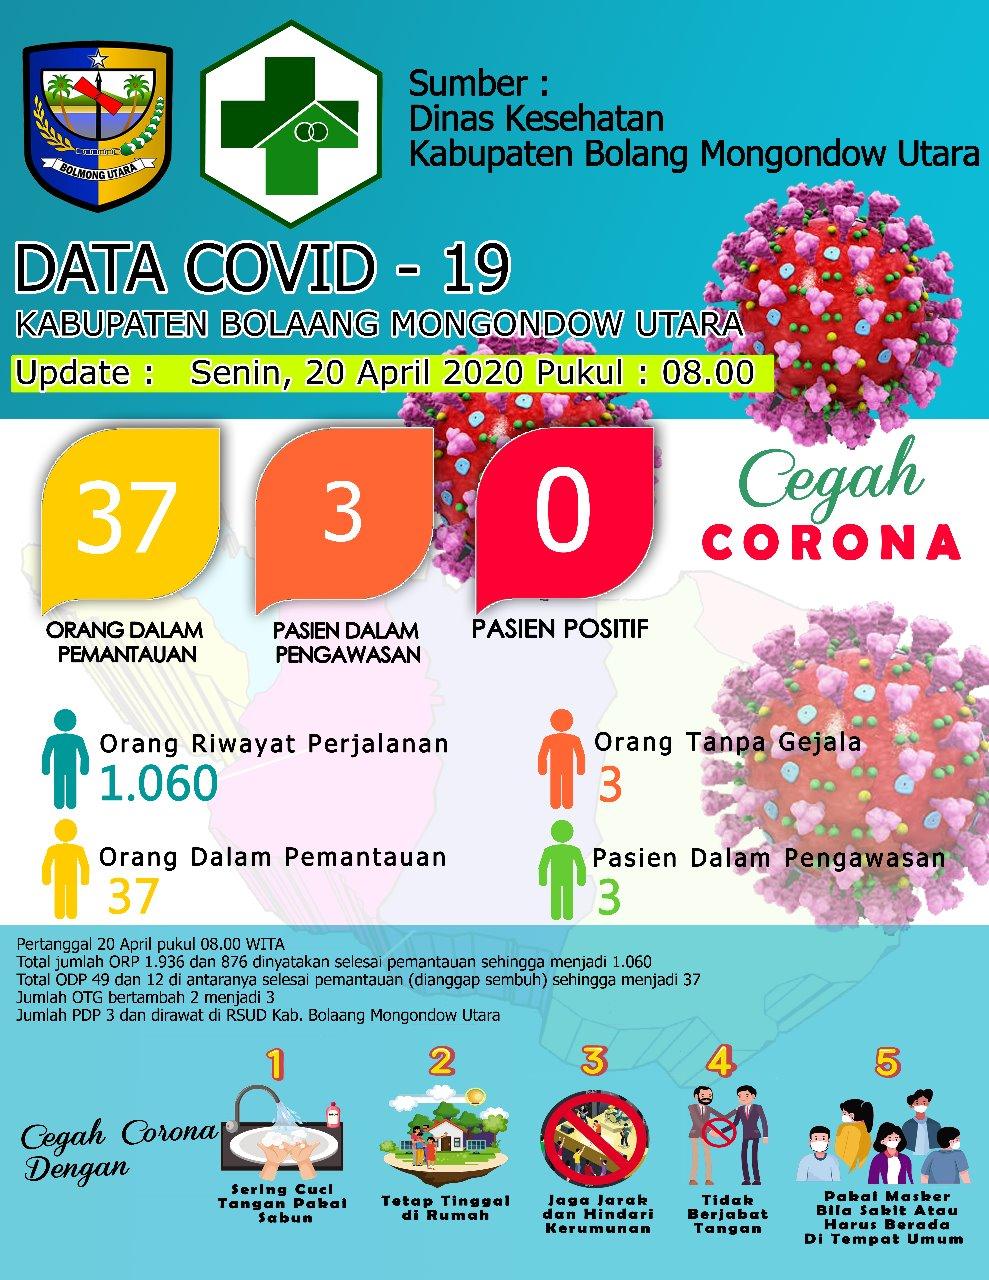 Penyebaran Pandemic Covid-19 Di Bolmut Terus Naik, OTG Bertambah 2 Orang